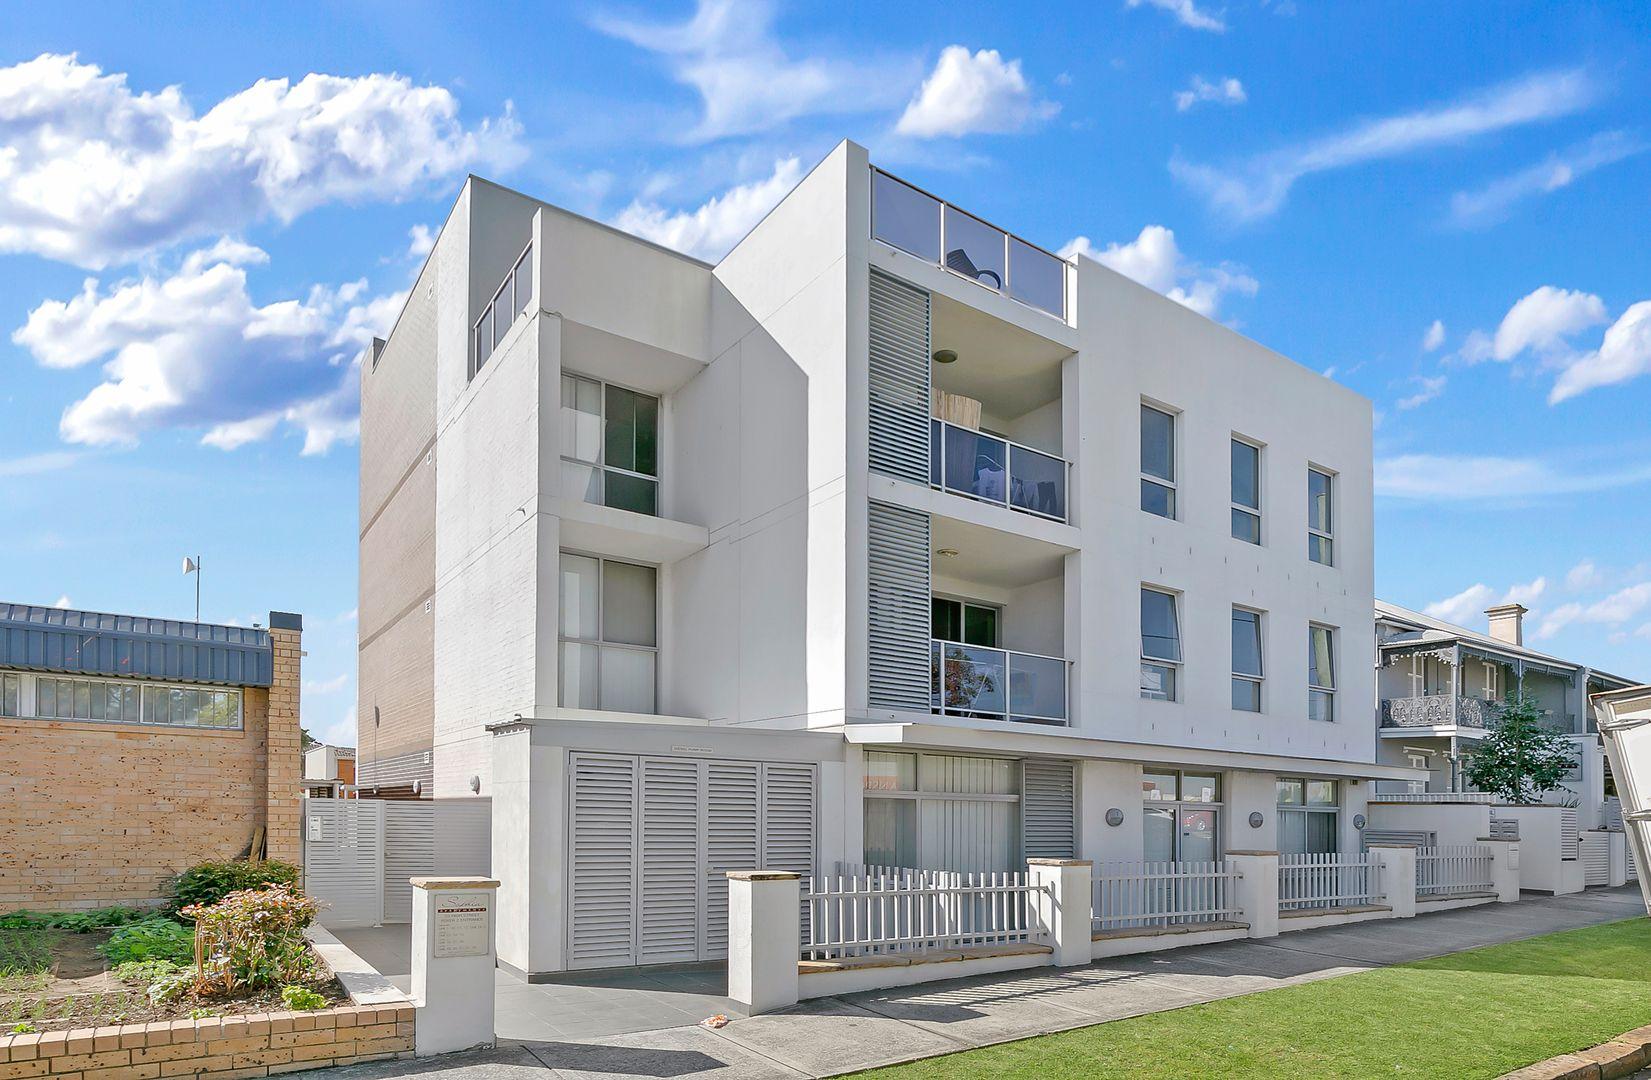 12/51A-53 High Street, Parramatta NSW 2150, Image 0